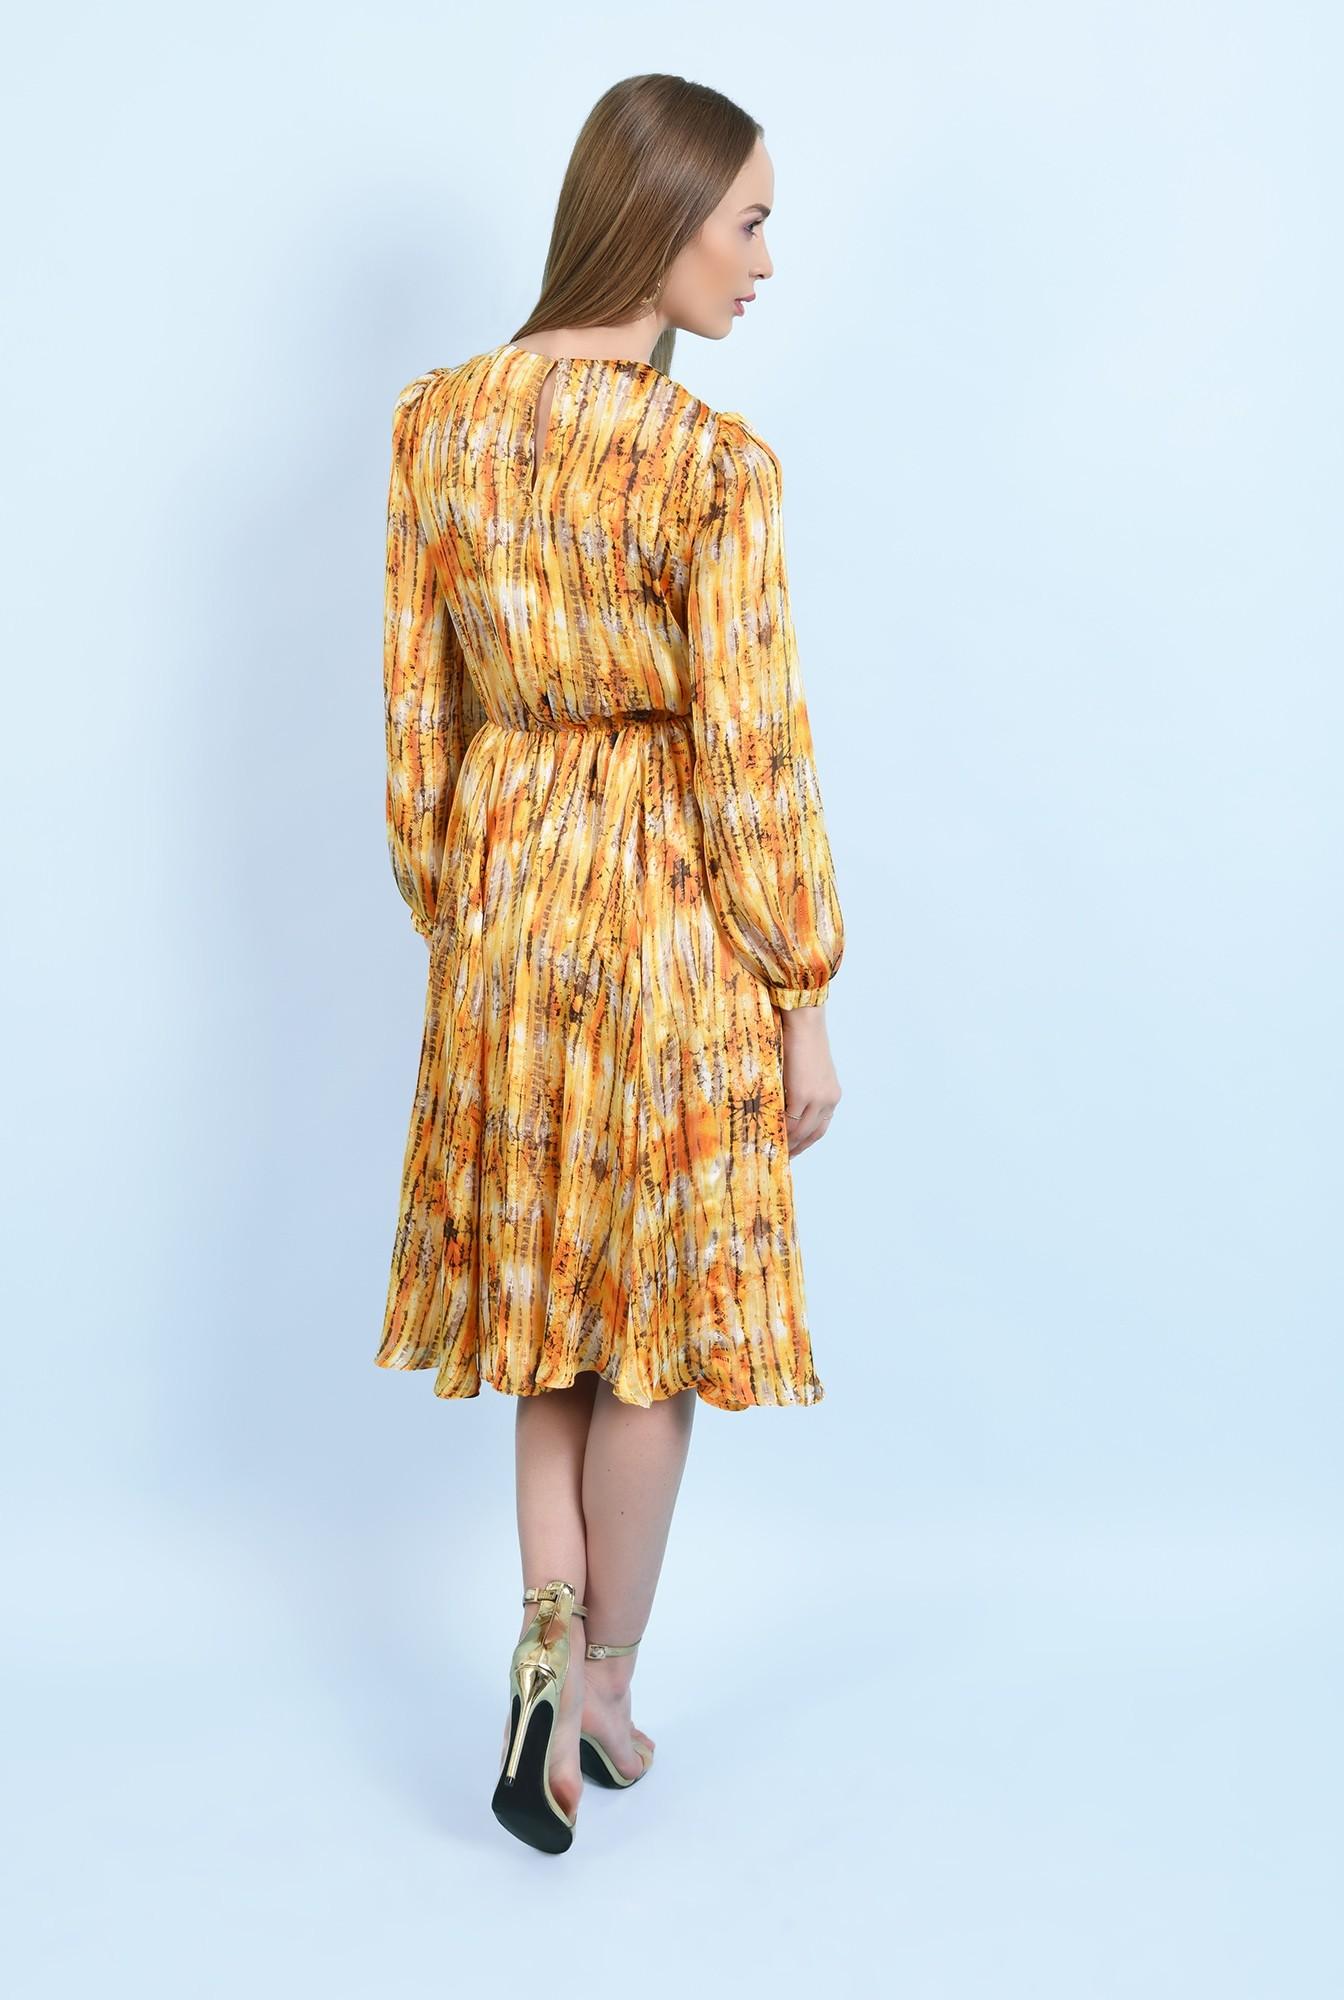 1 - 360 - rochie midi, evazata, cu imprimeu, fir auriu, clos